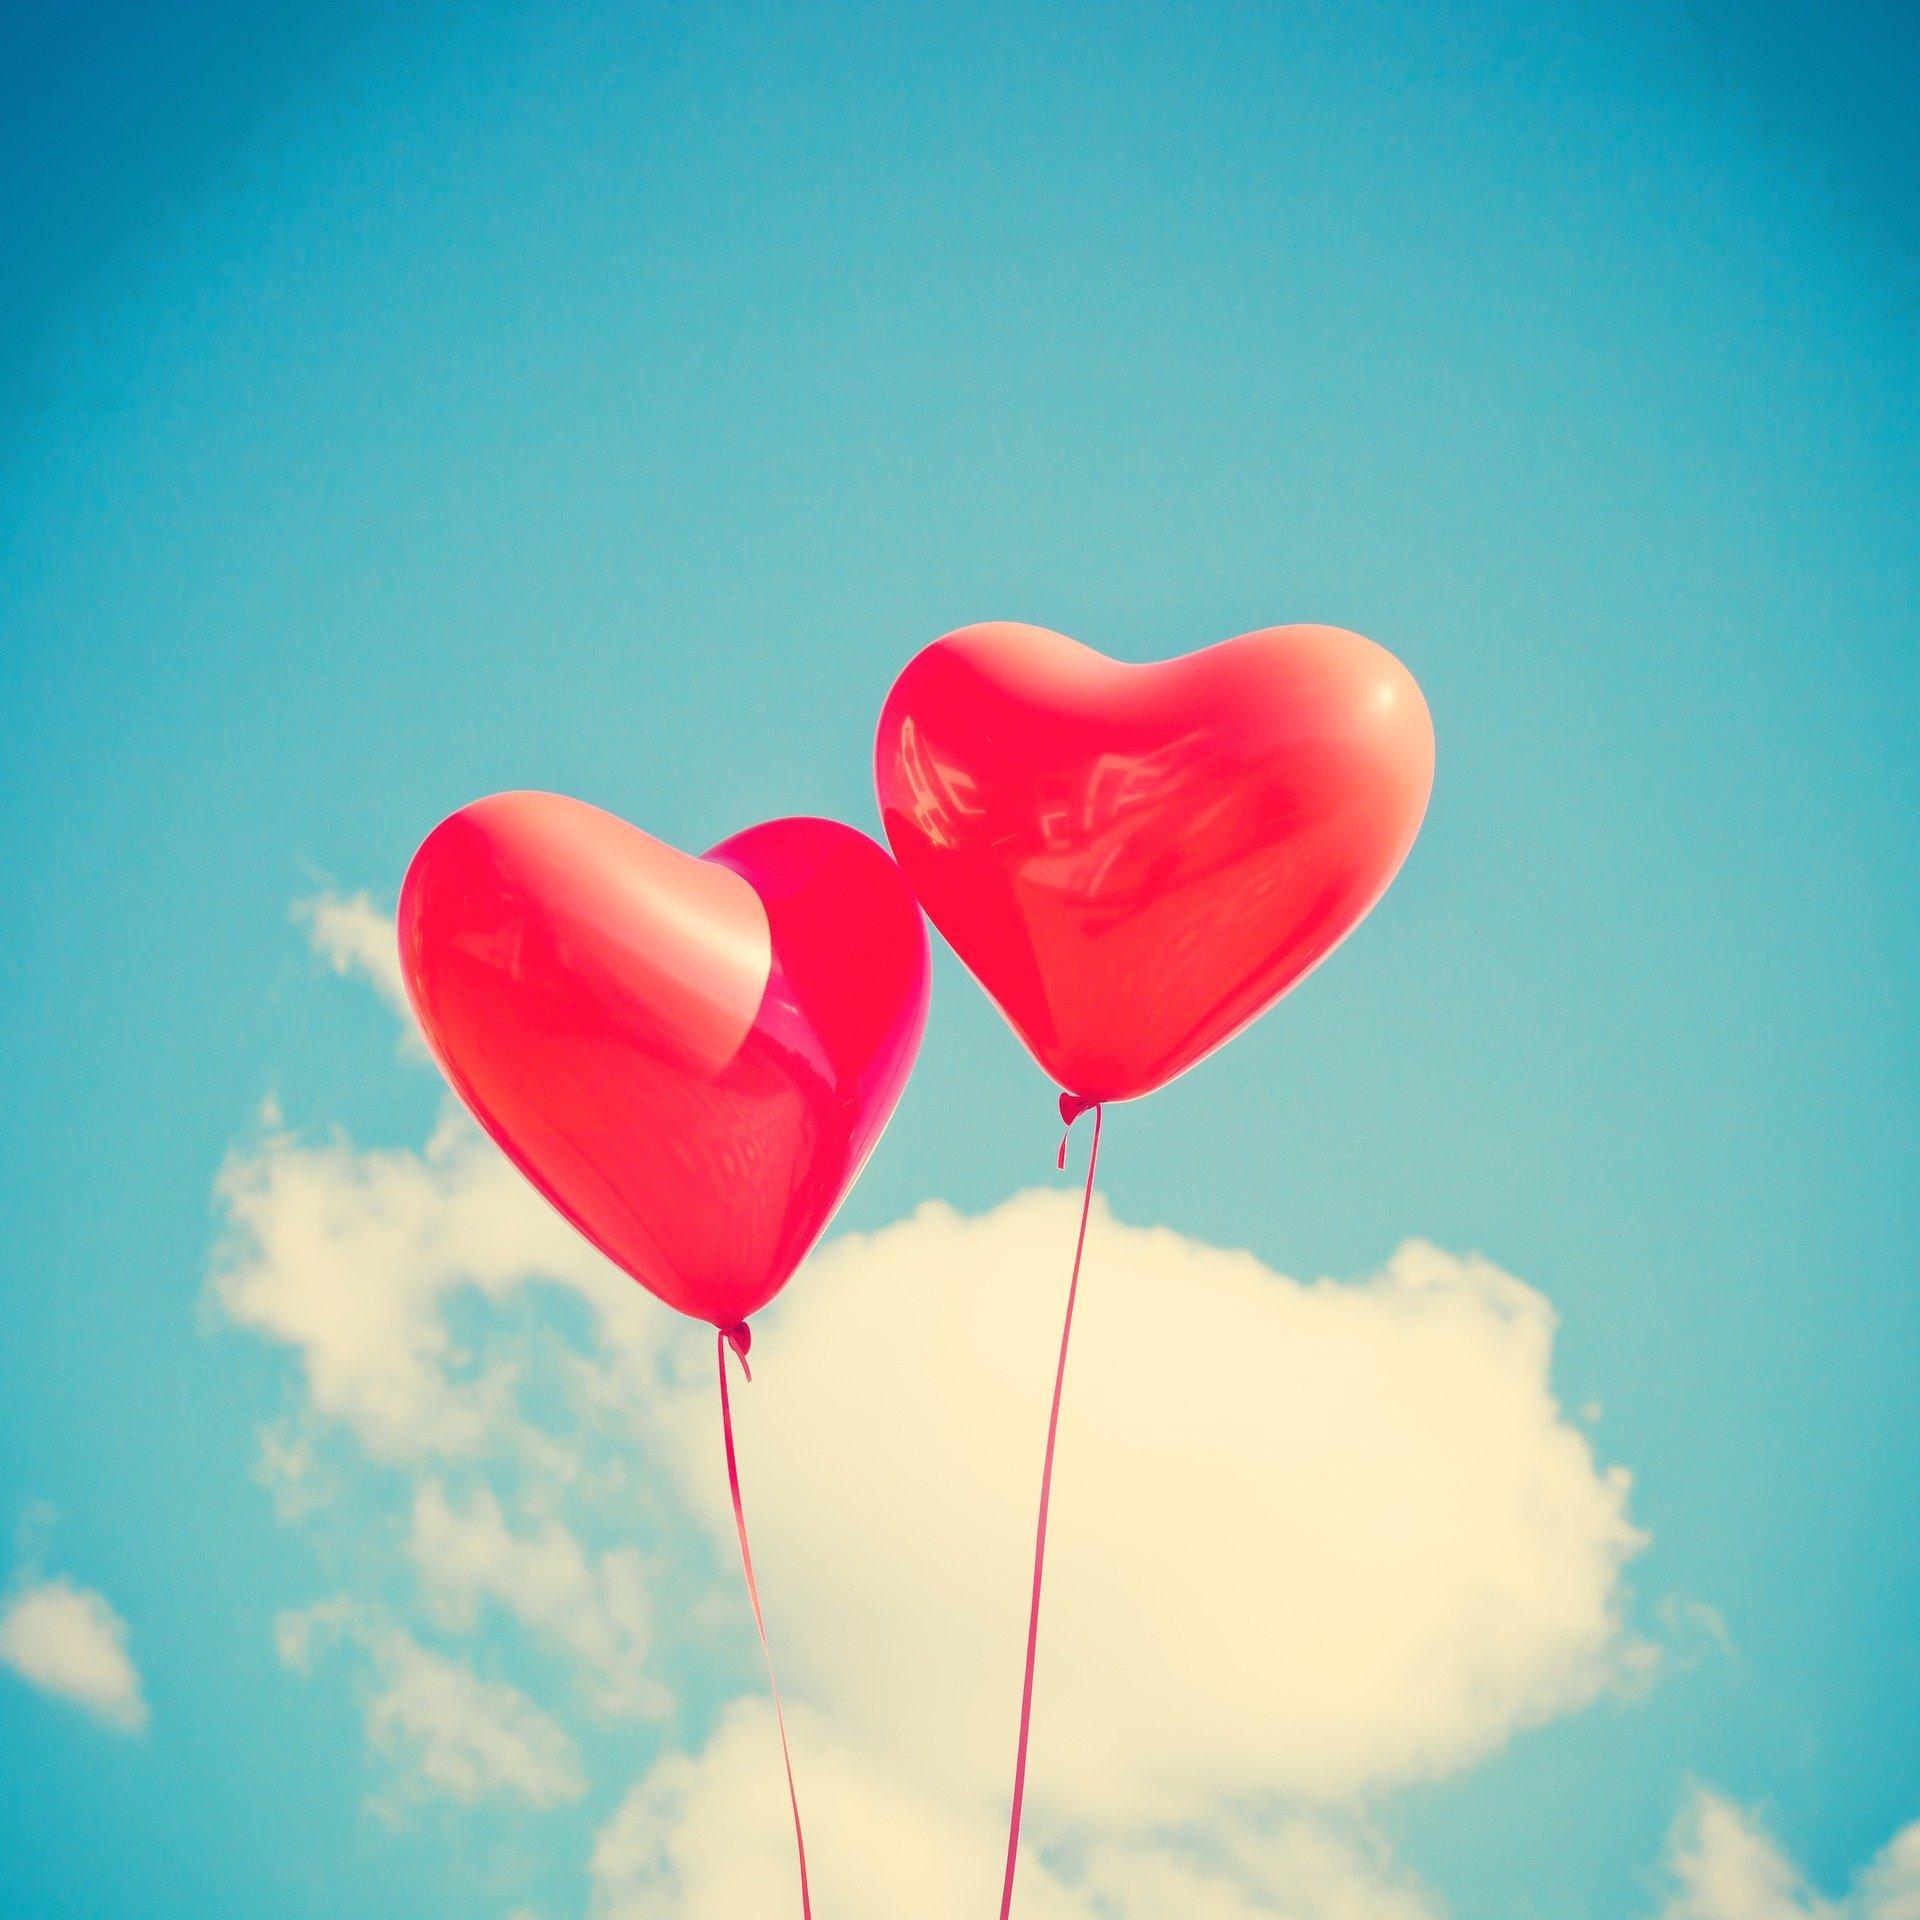 Balloon 991680 1920